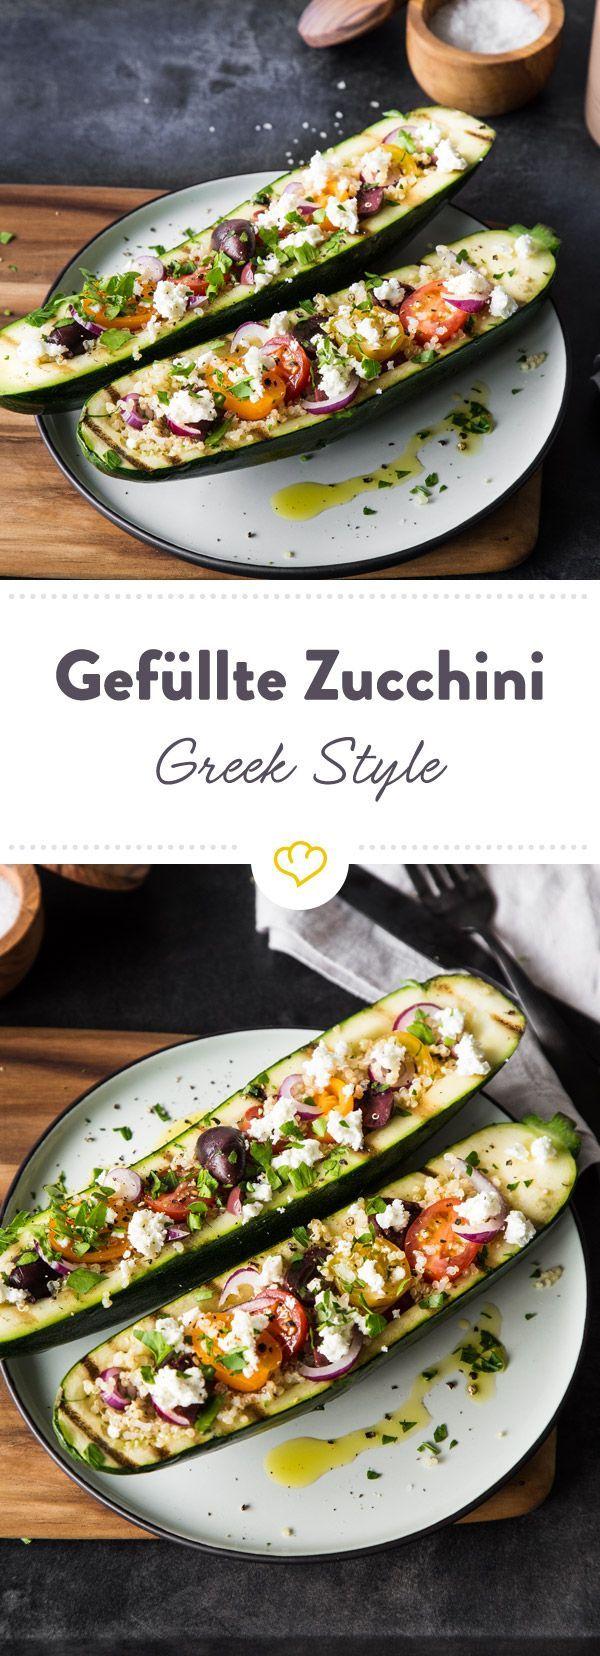 diese zucchini greek style werden erst gegrillt und dann mit quinoa bunten tomaten oliven und. Black Bedroom Furniture Sets. Home Design Ideas